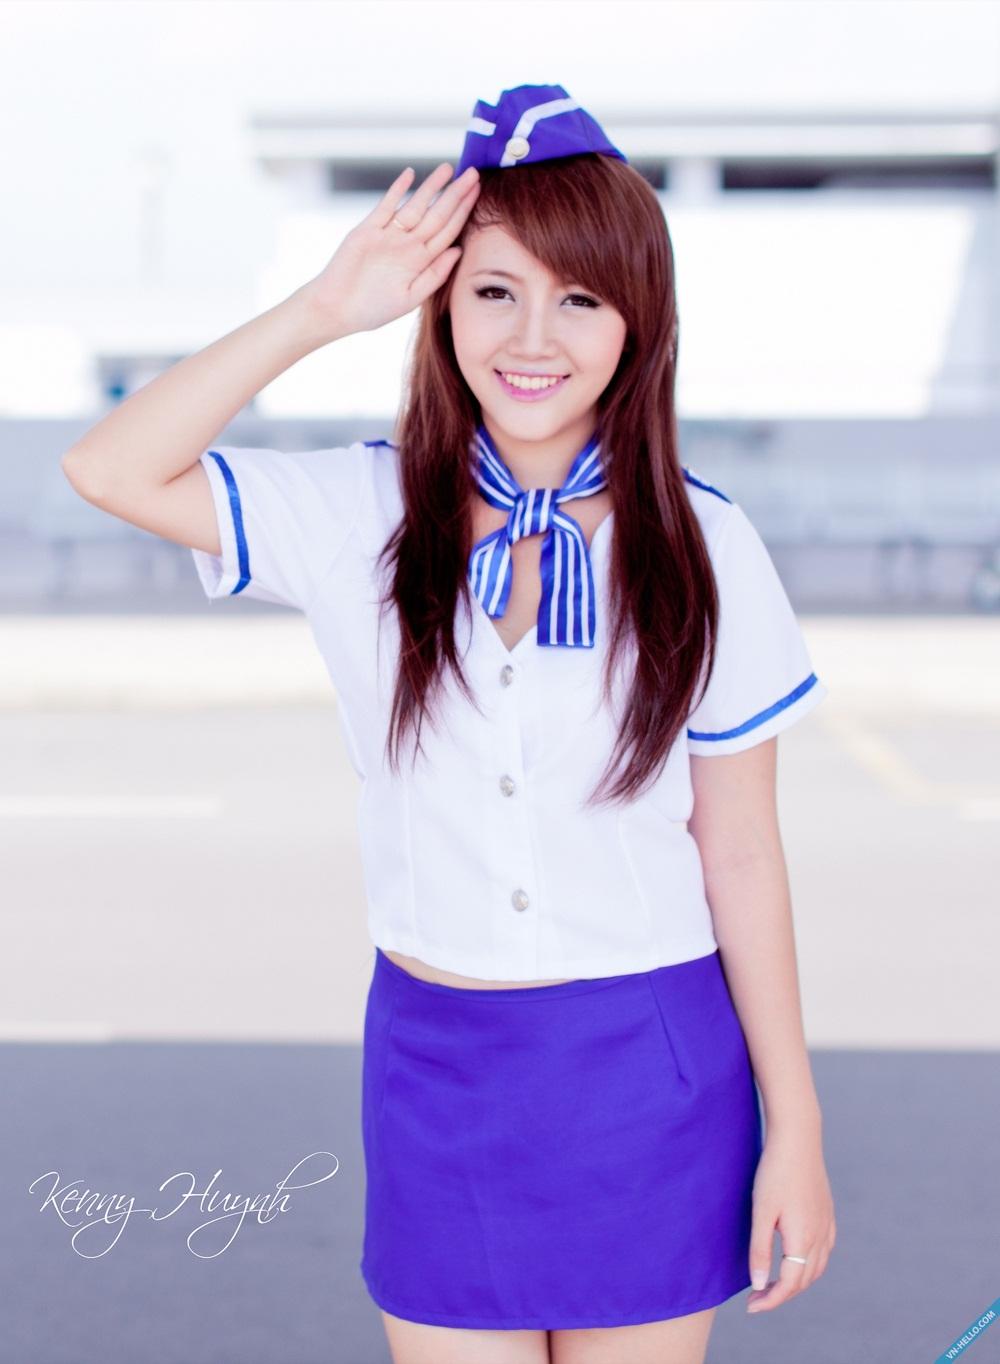 annh-girl-xinh-.11.jpg